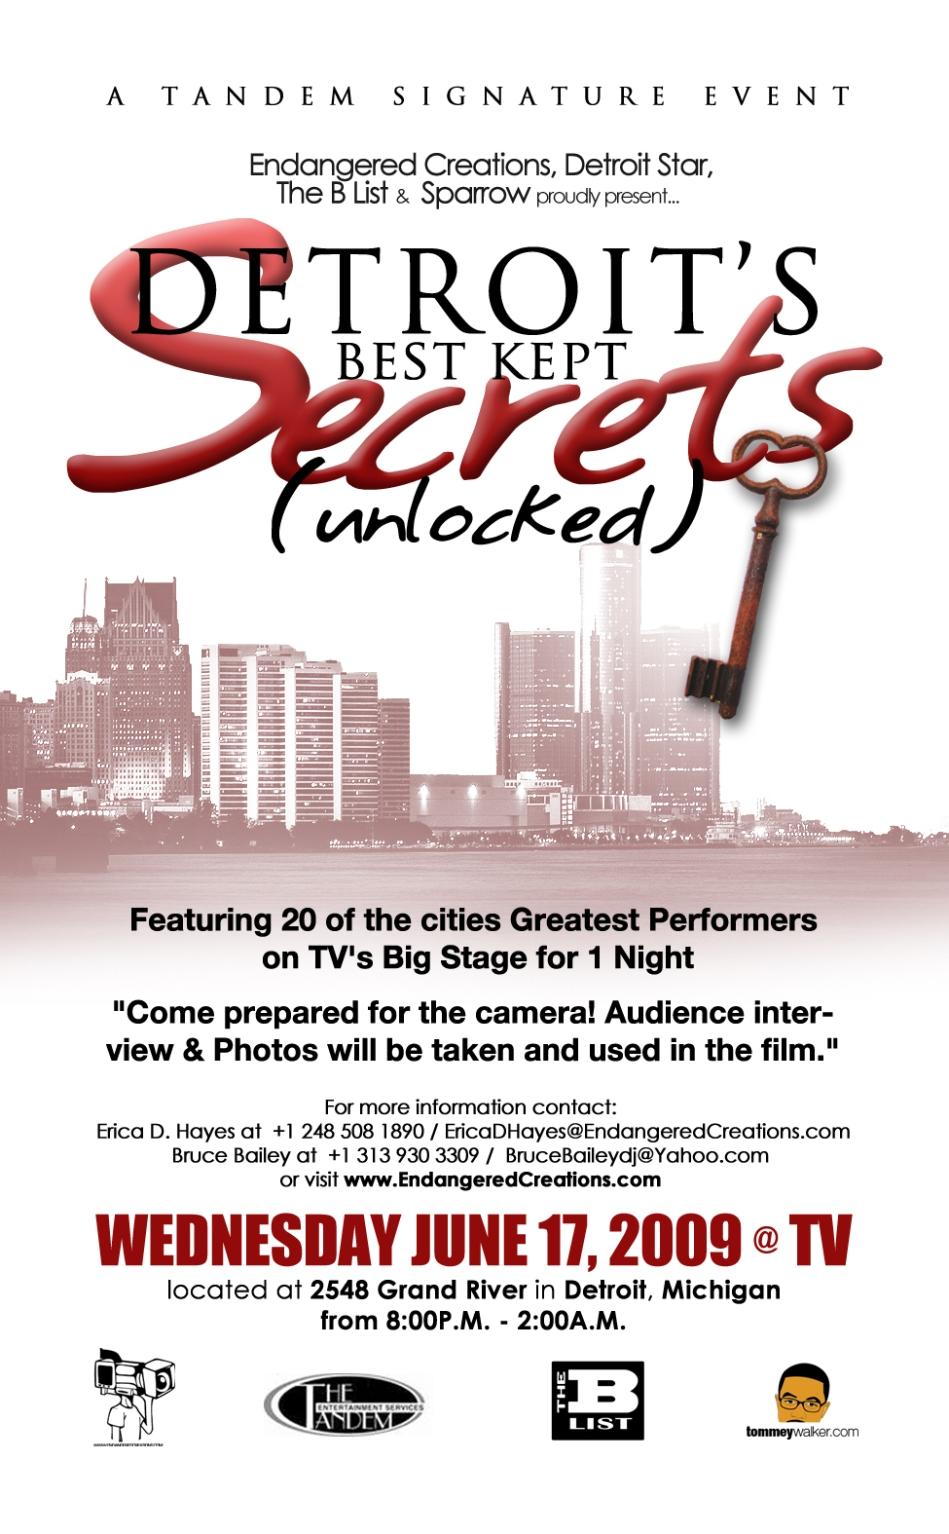 Detroit's Best Kept Secrets - Unlocked - Live Documentary Shoot